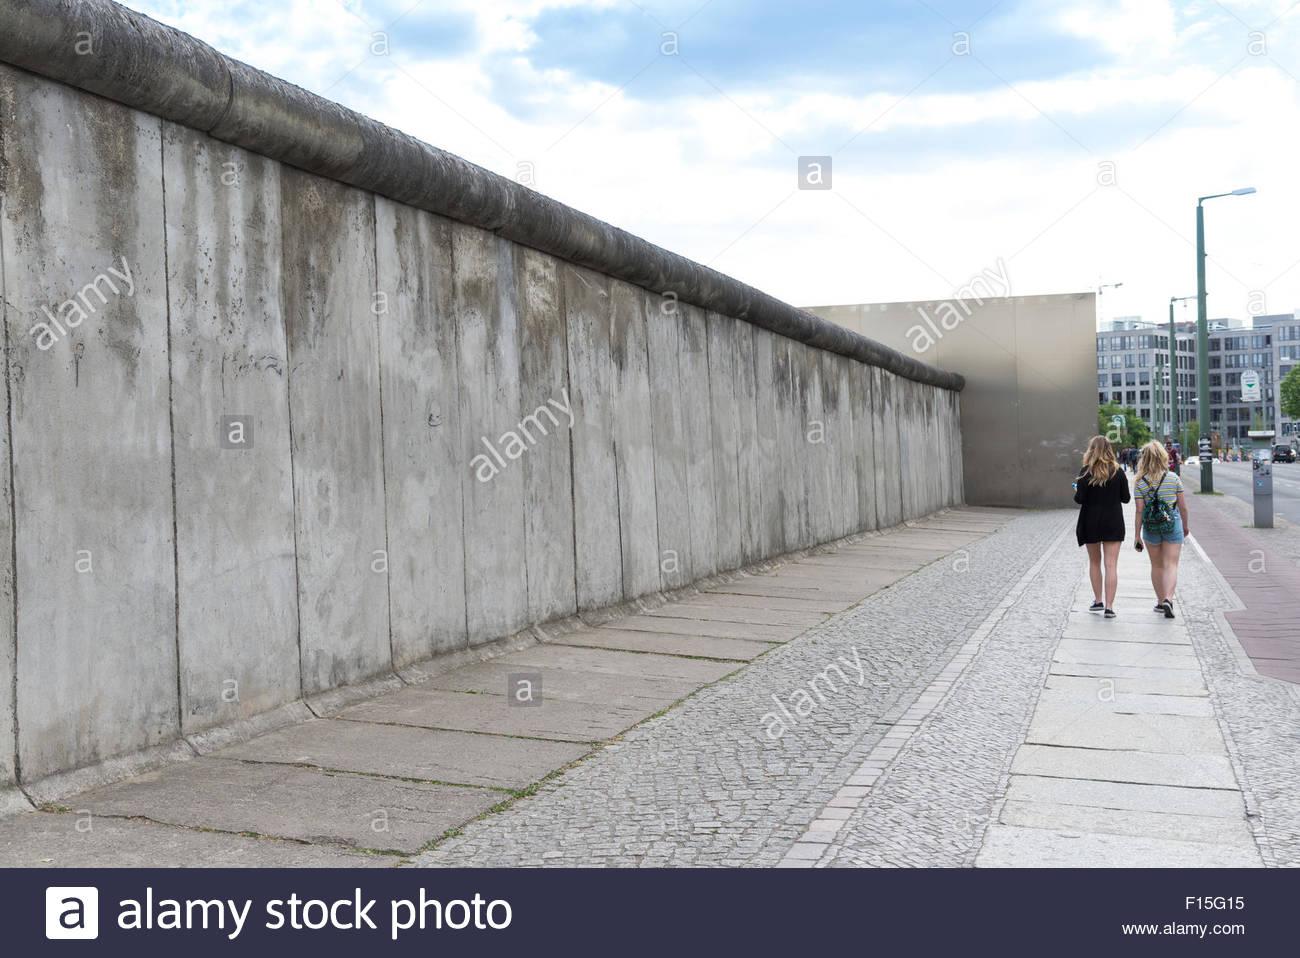 Die Gedenkstätte Berliner Mauer-Gedenkmünze Stück der Mauer an der Bernauer Straße, Berlin, Deutschland Stockfoto